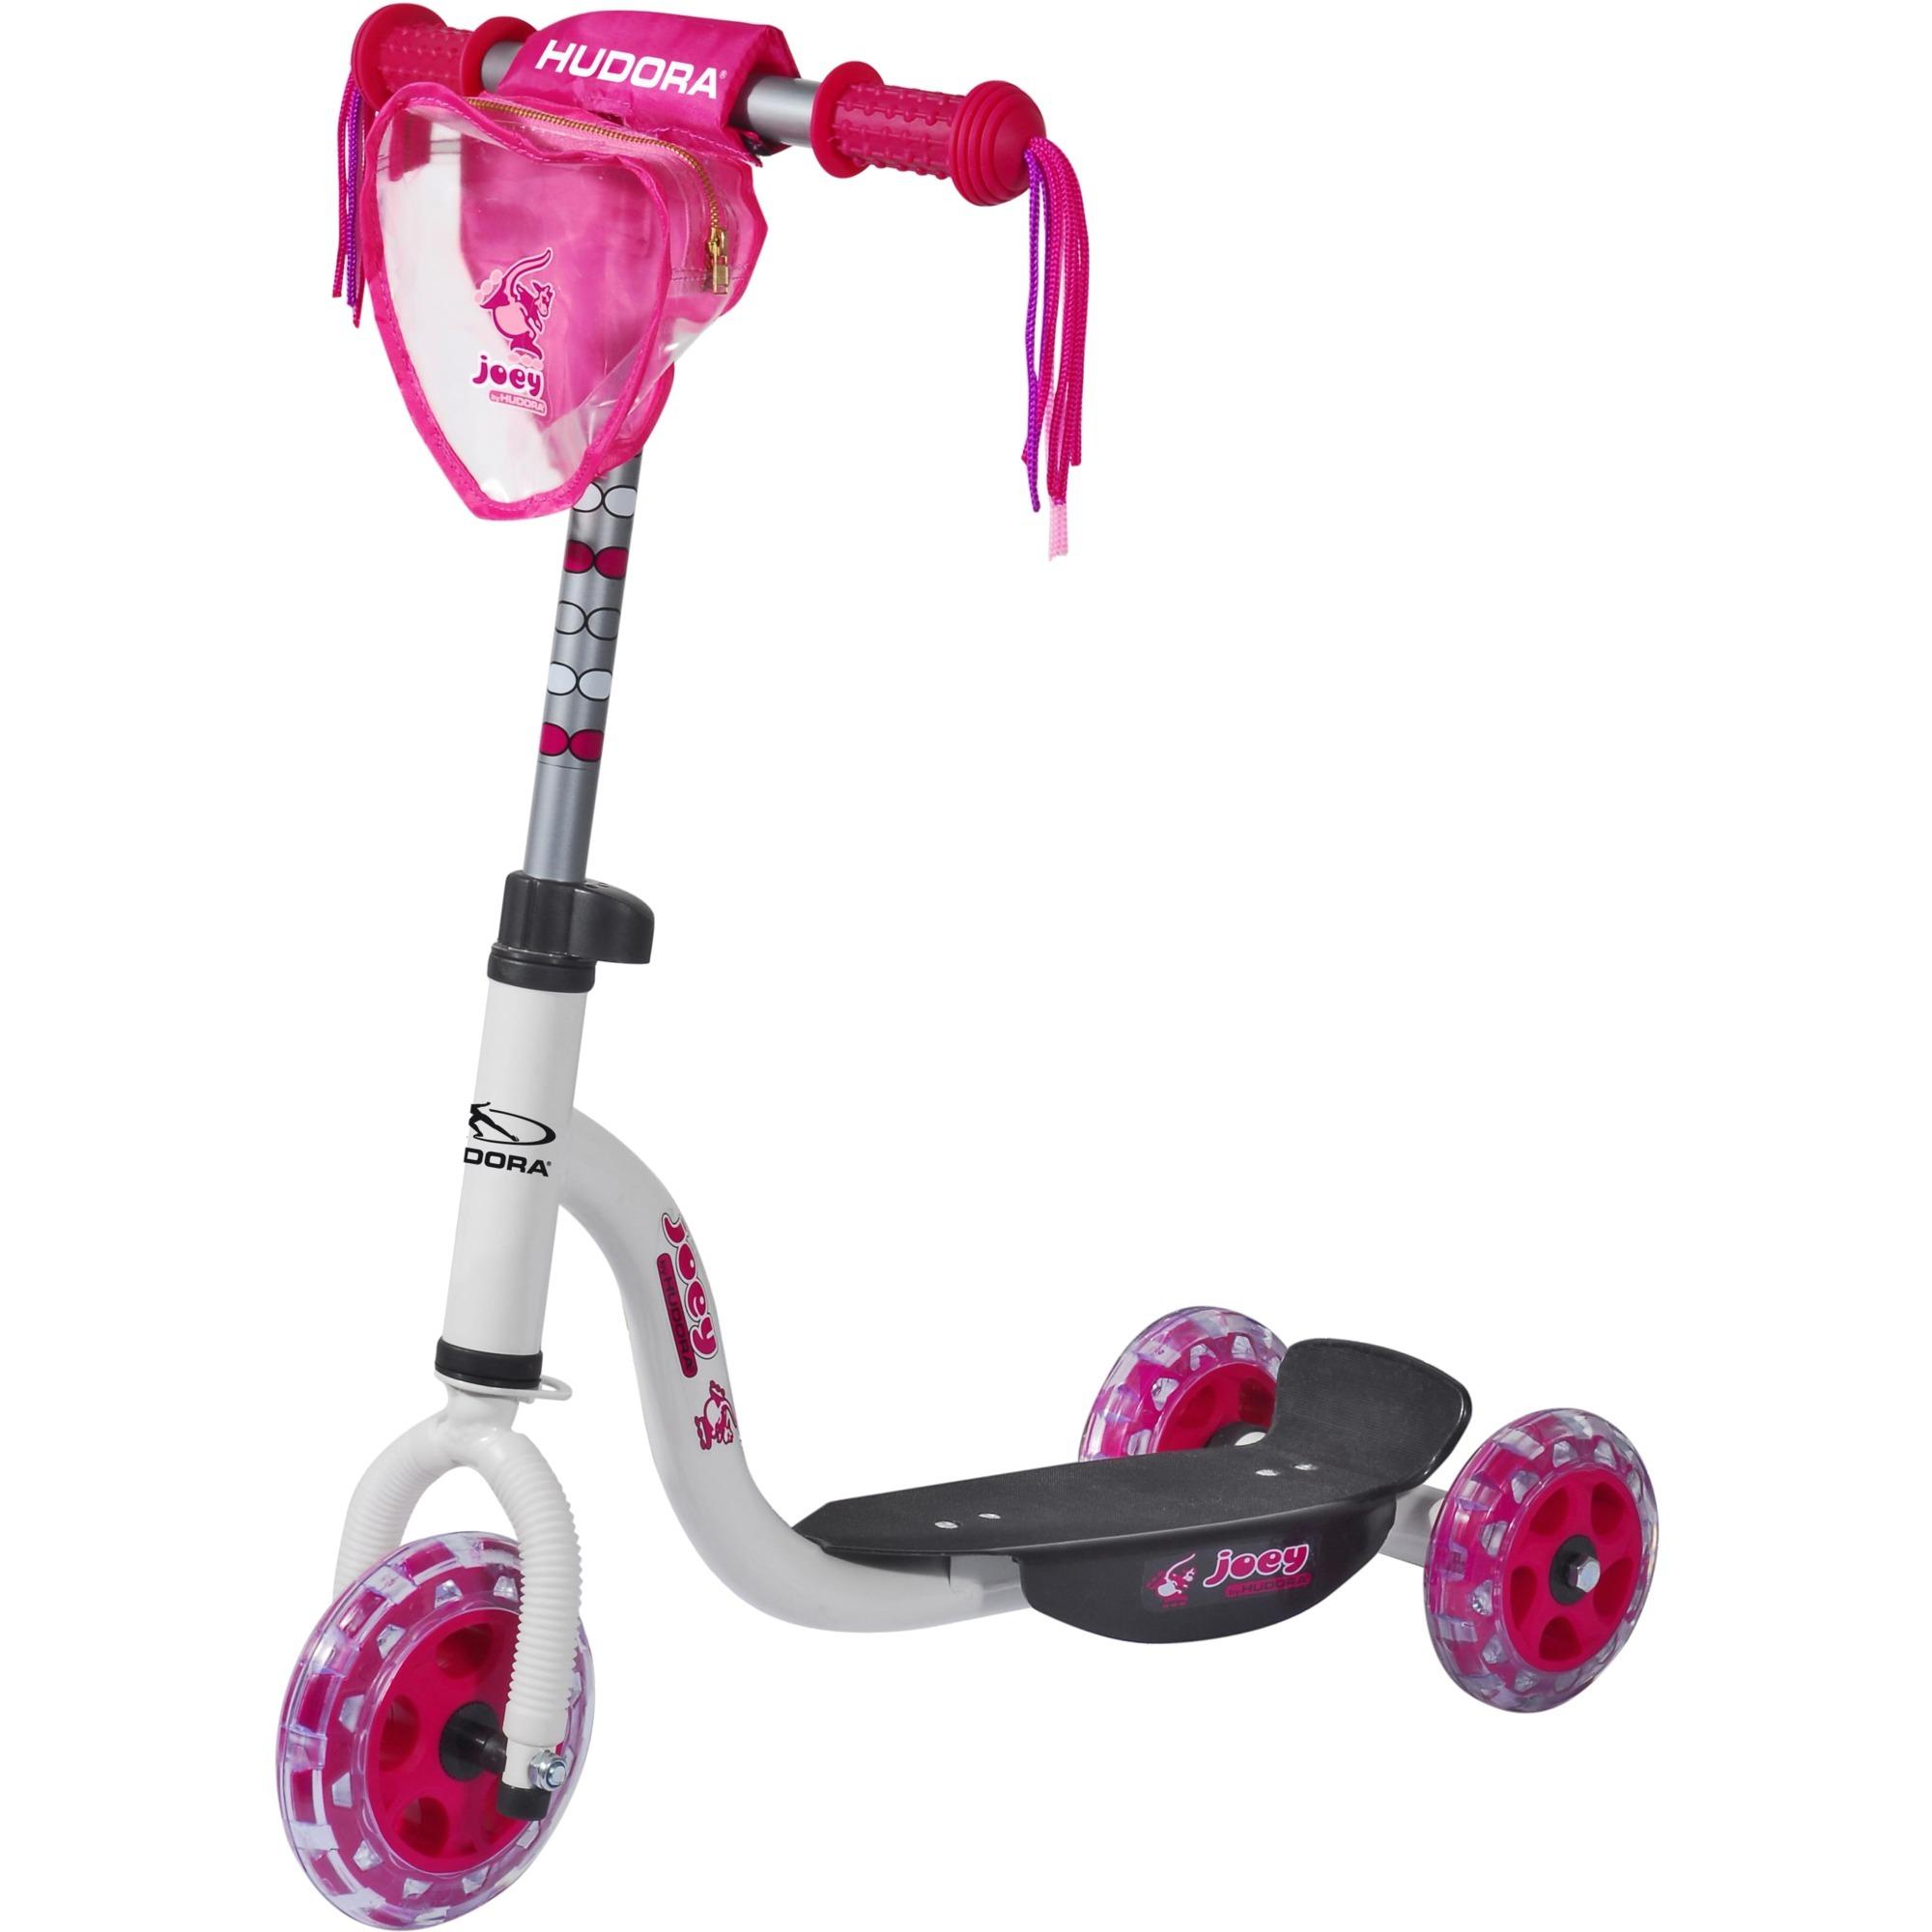 11060 scooter Niños Rosa, Blanco, Vespa